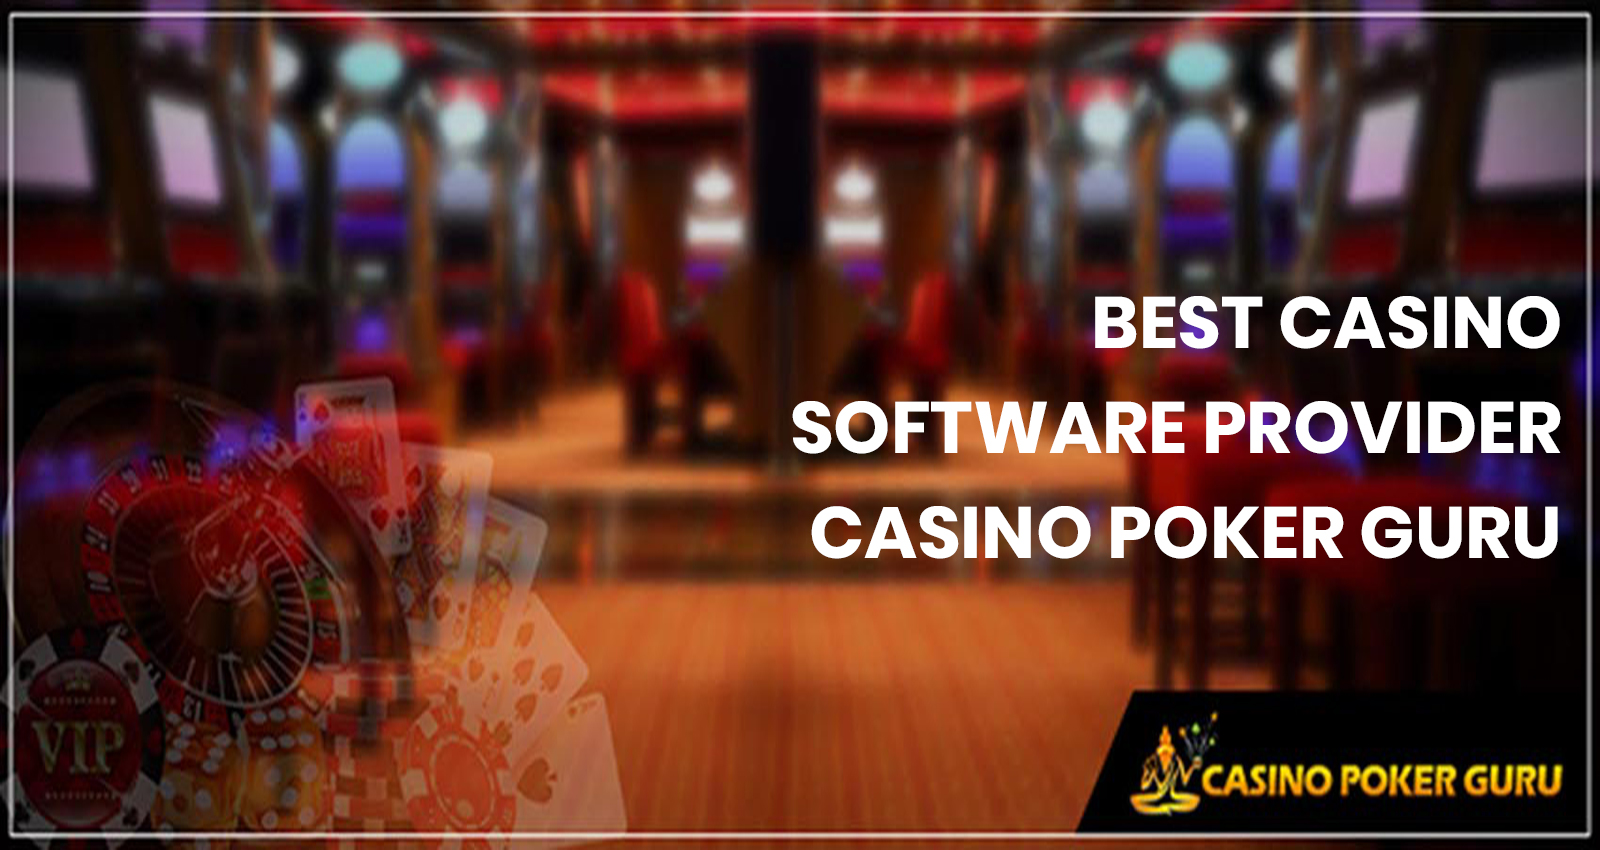 Best Casino Software Provider-casino poker guru